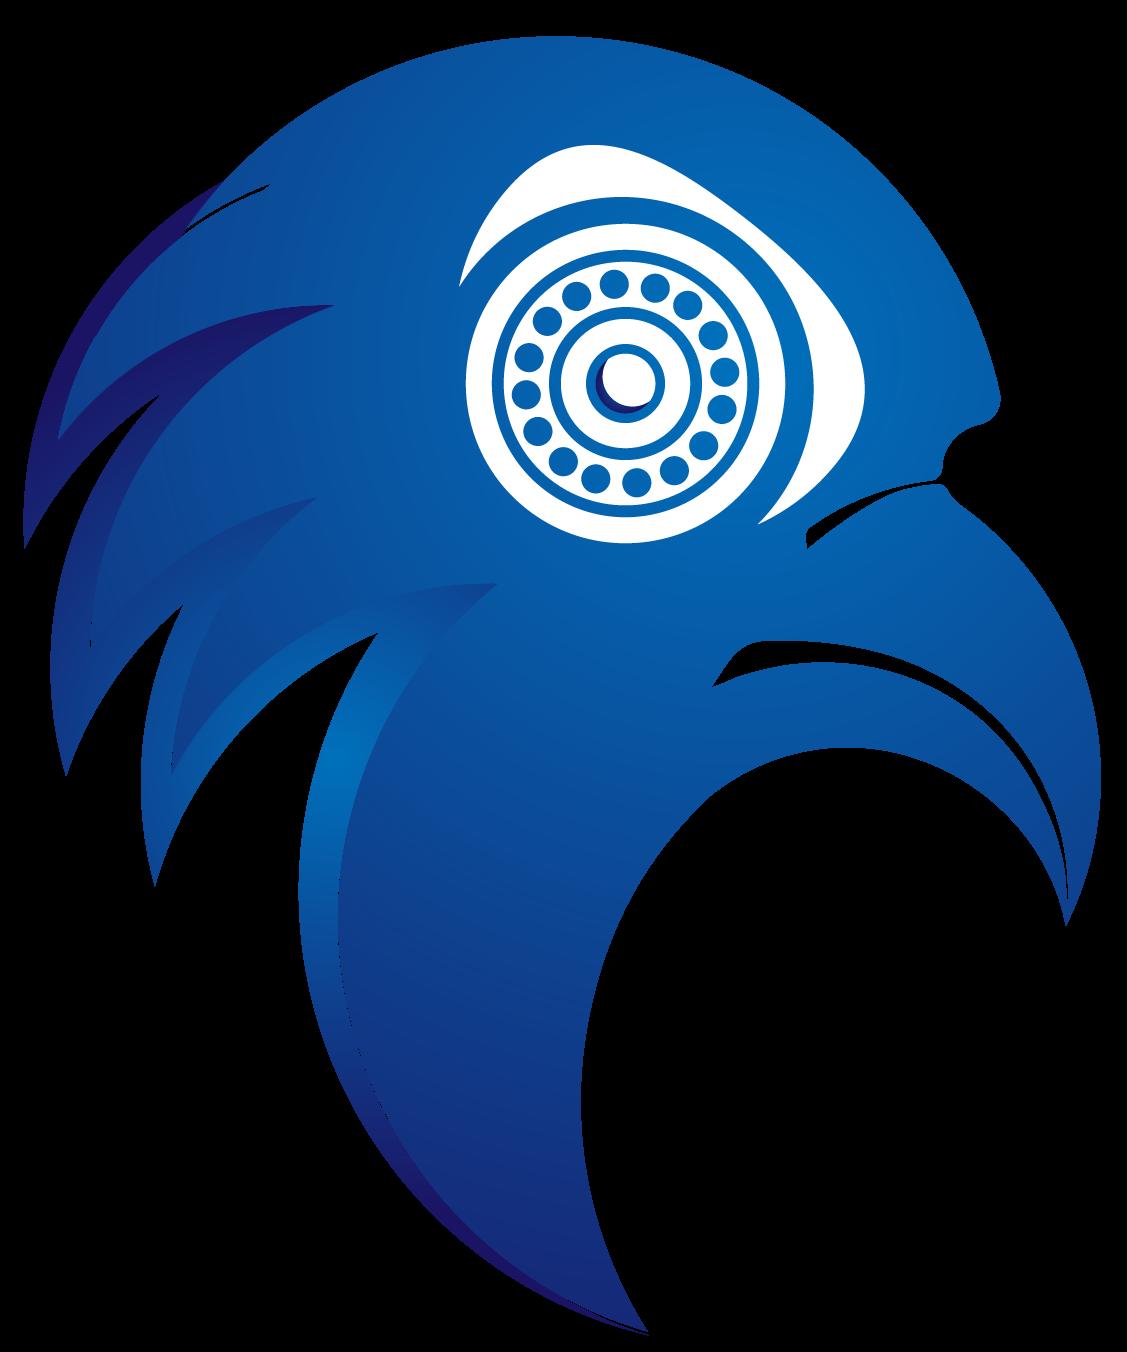 Falcon Addis